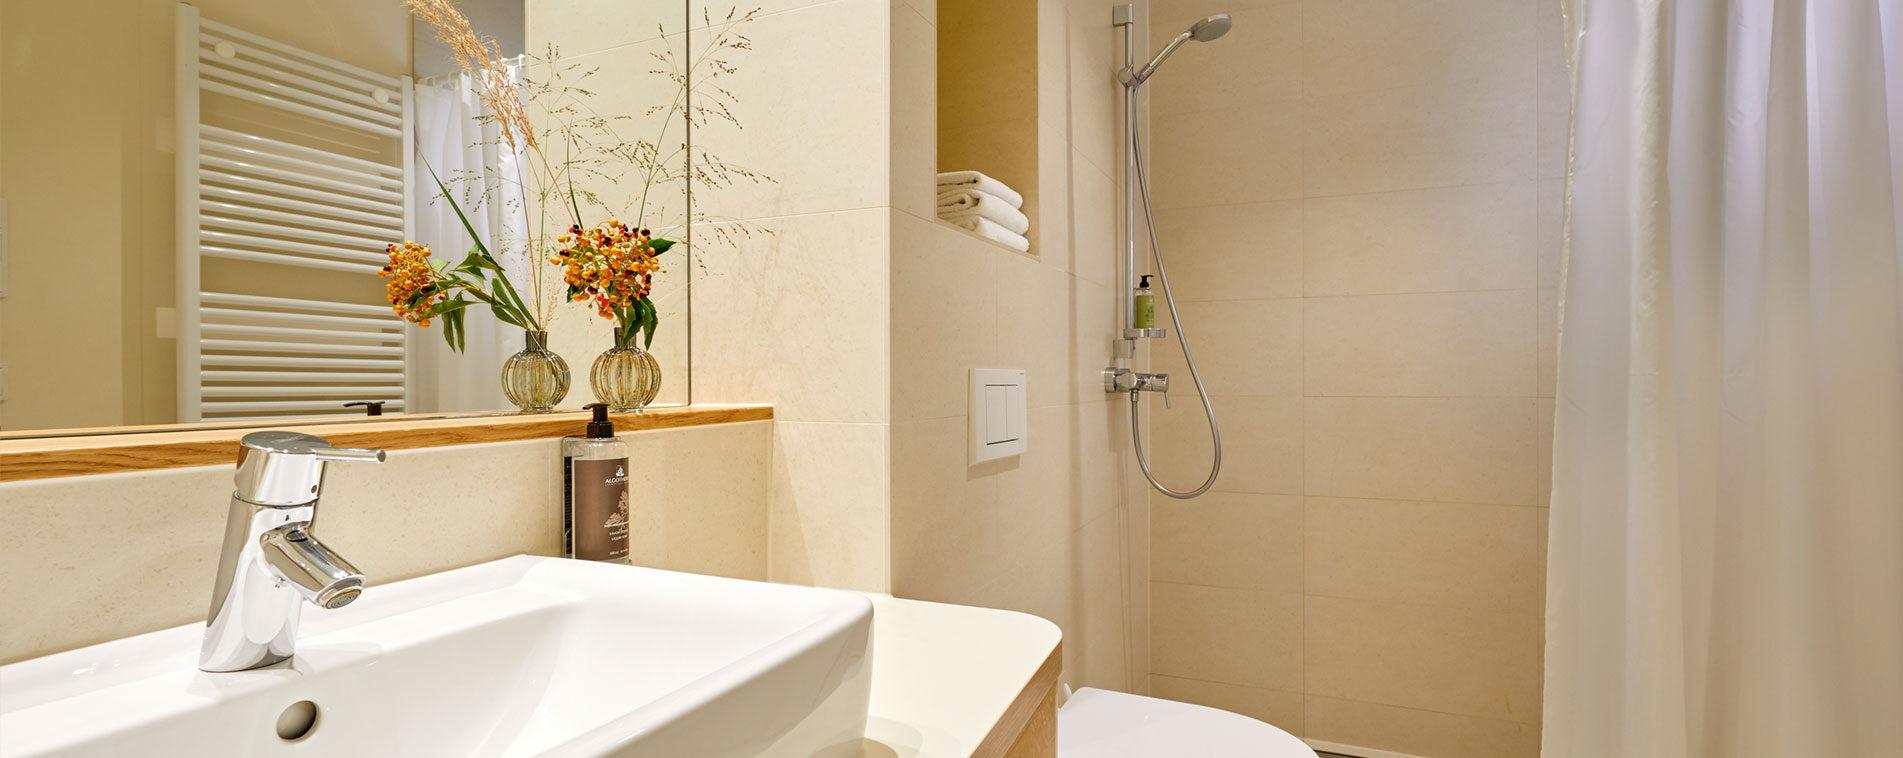 FLOTTWELL BERLIN Hotel - Homepage Bathroom